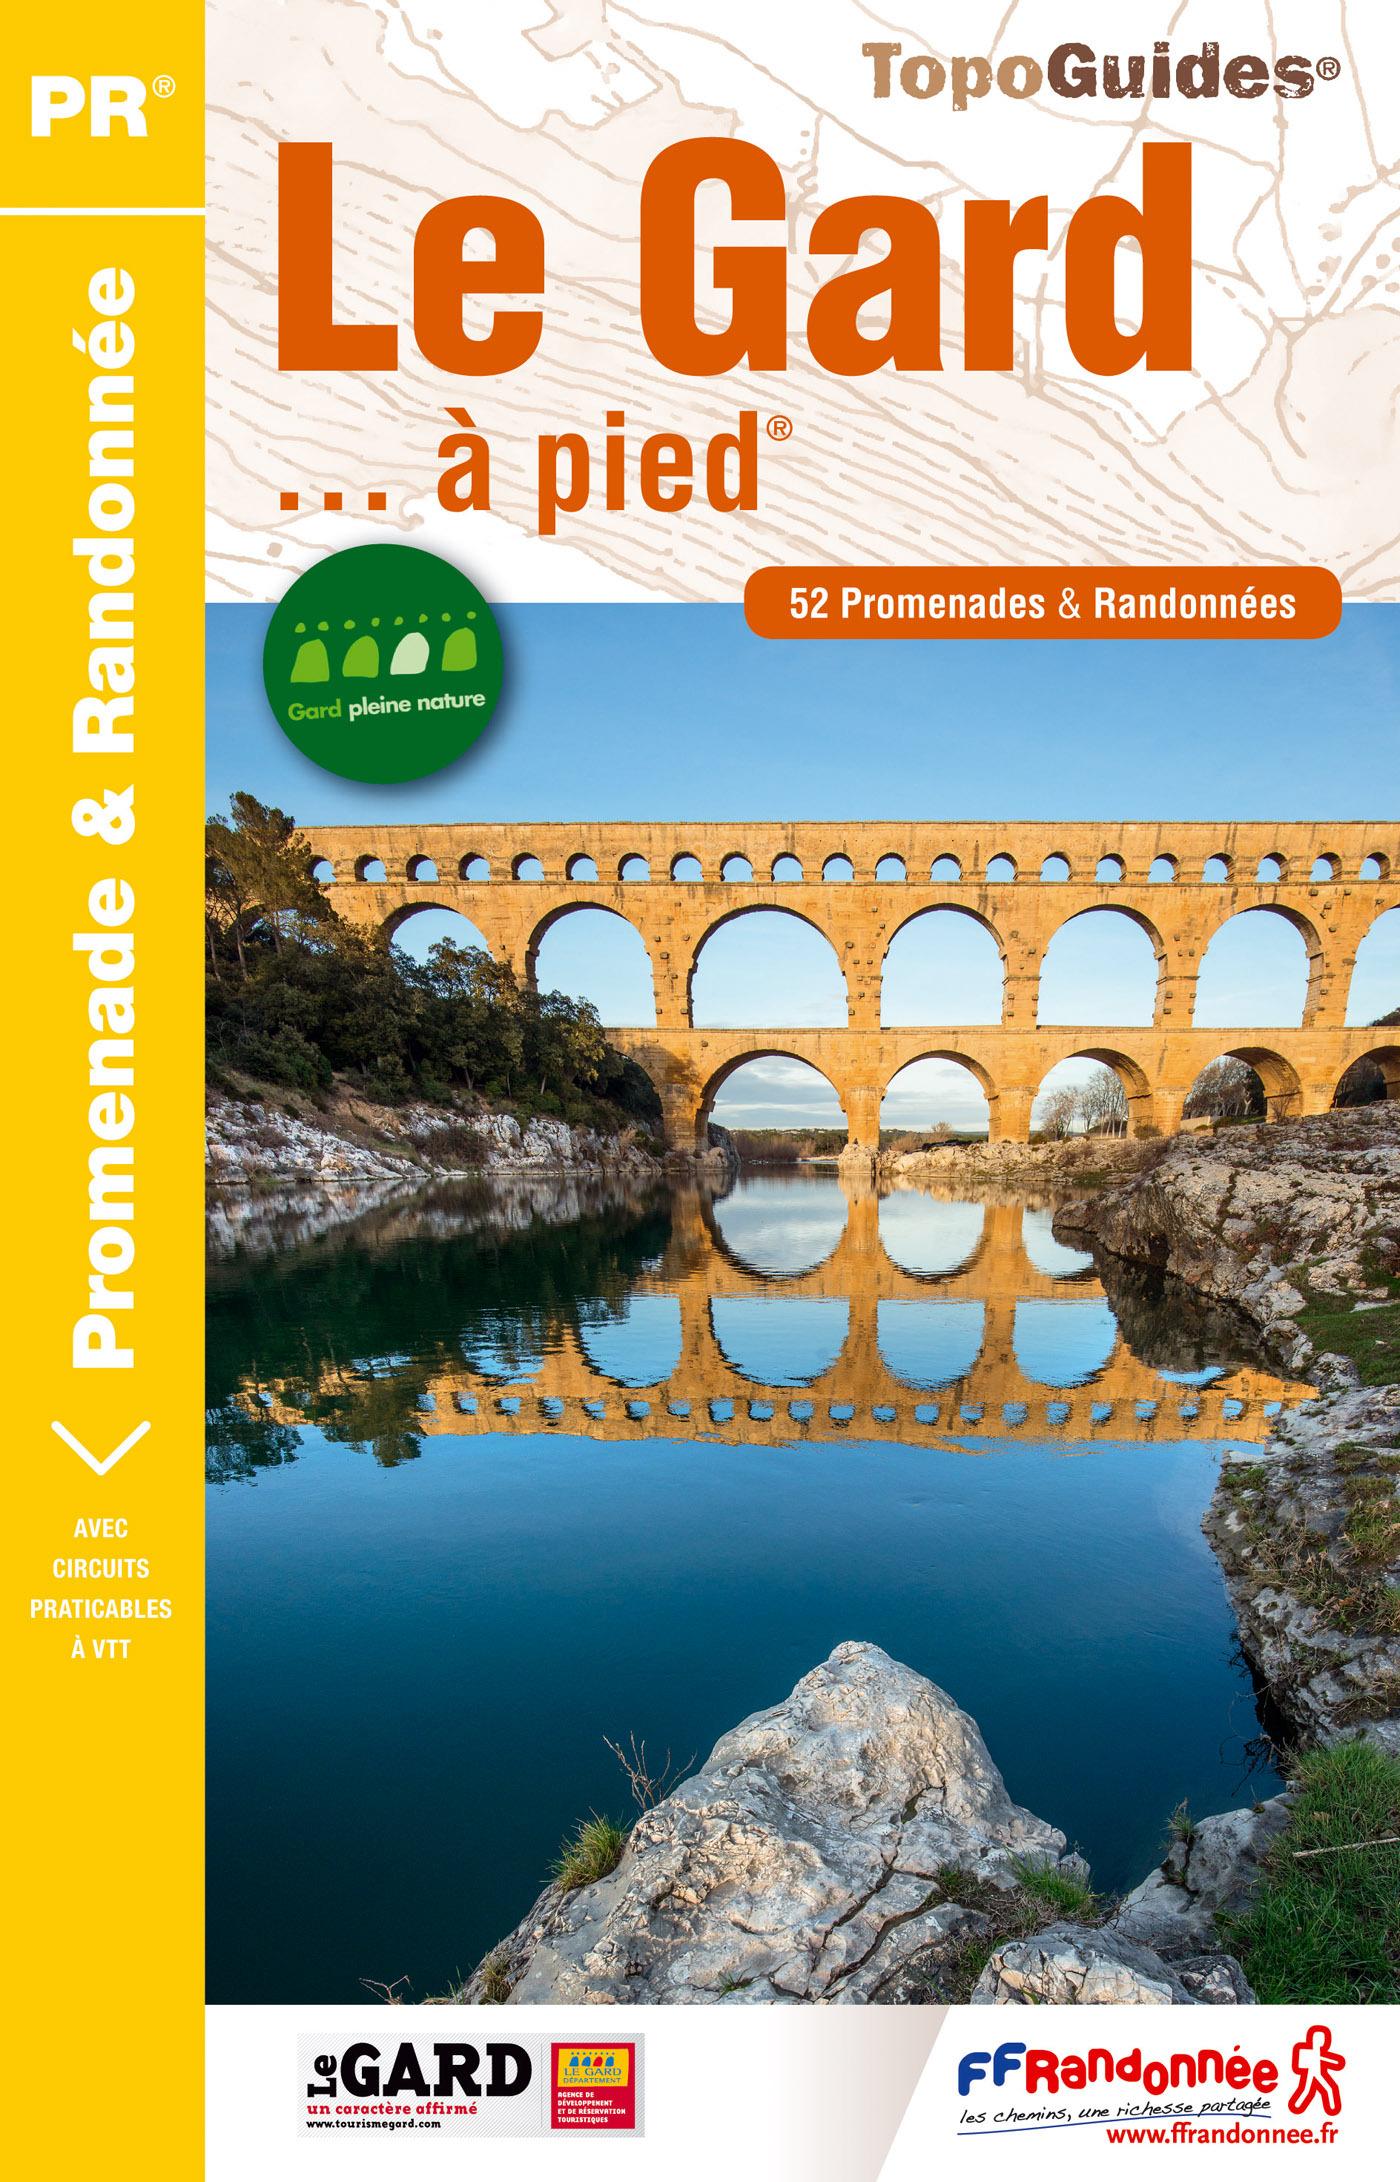 GARD A PIED NED 2015 - 30 - PR - D030